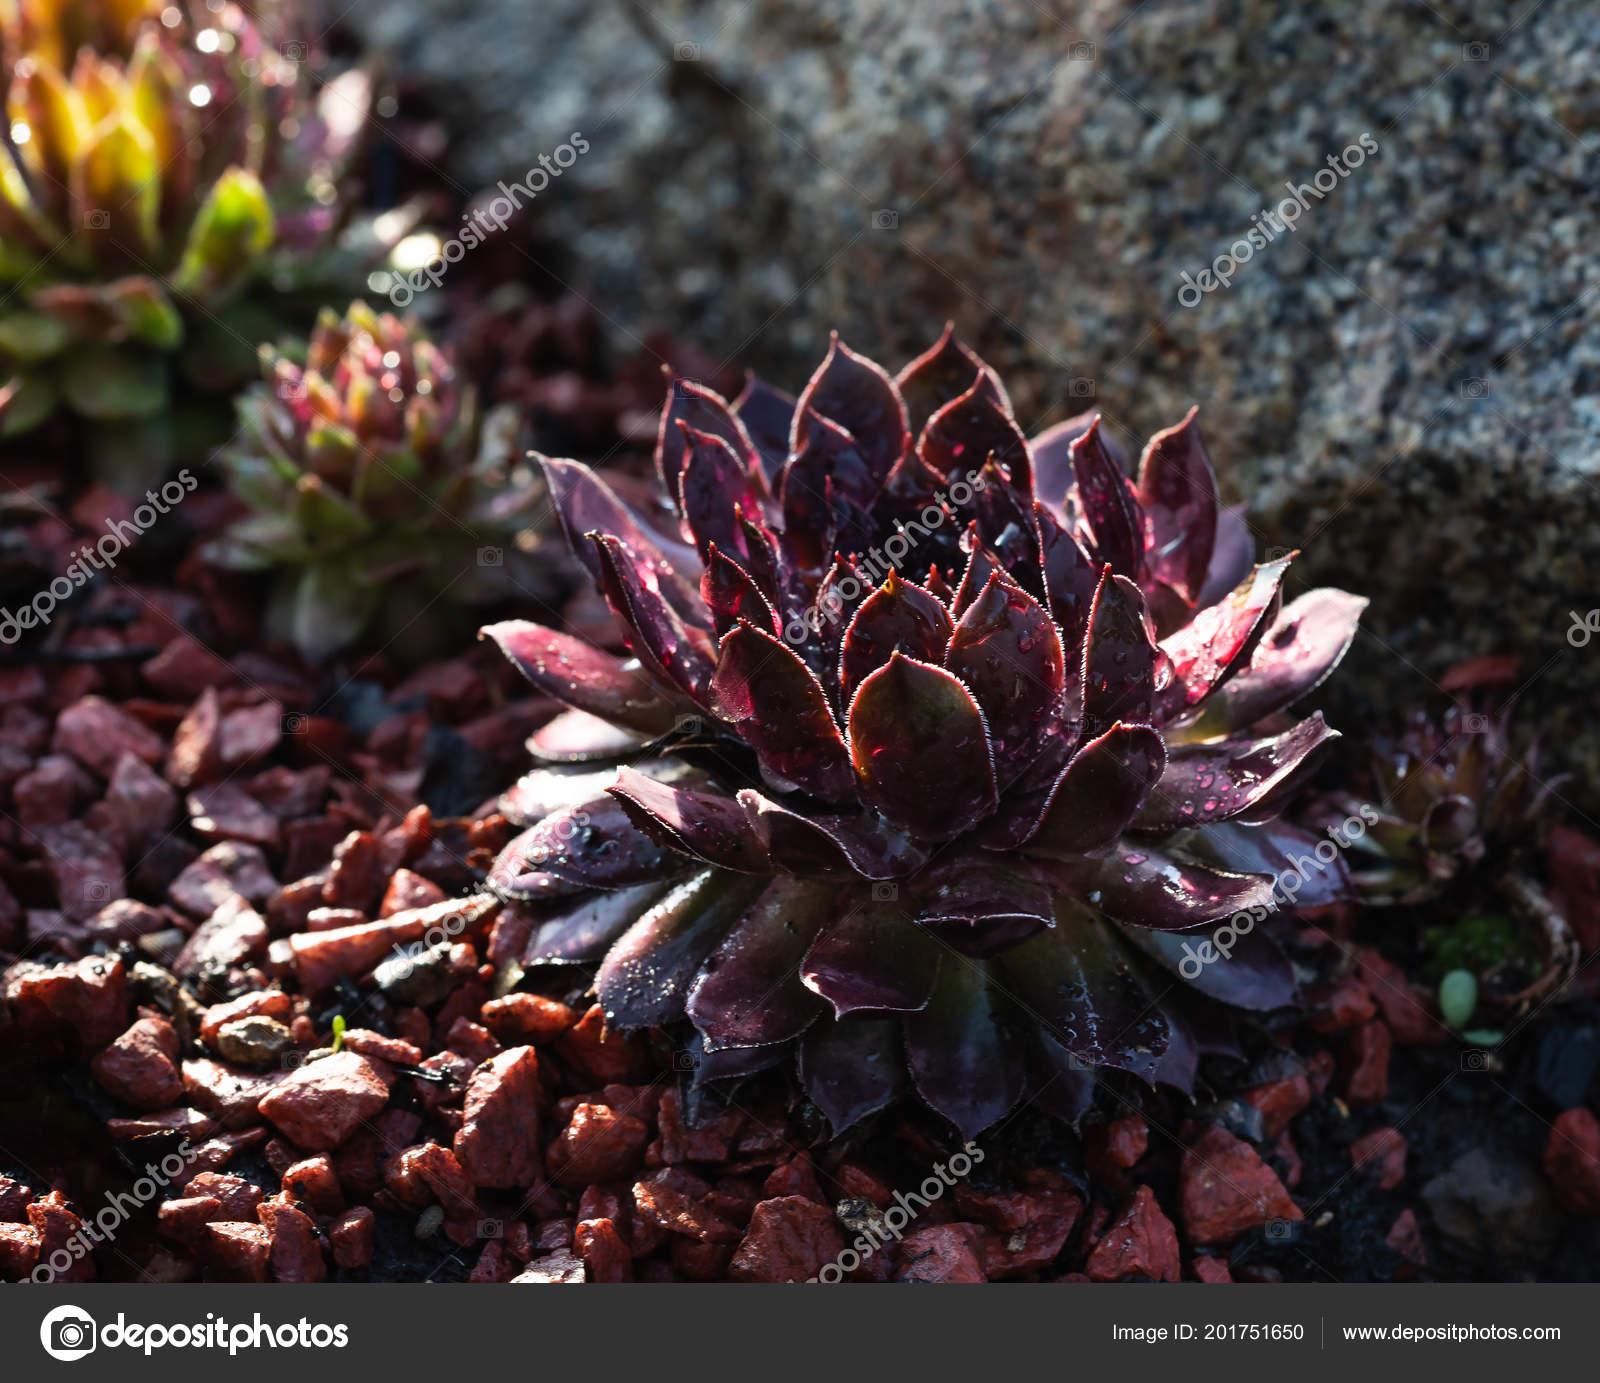 Succulent Growing Rocks Raindrops Leaves Decorative Place Garden